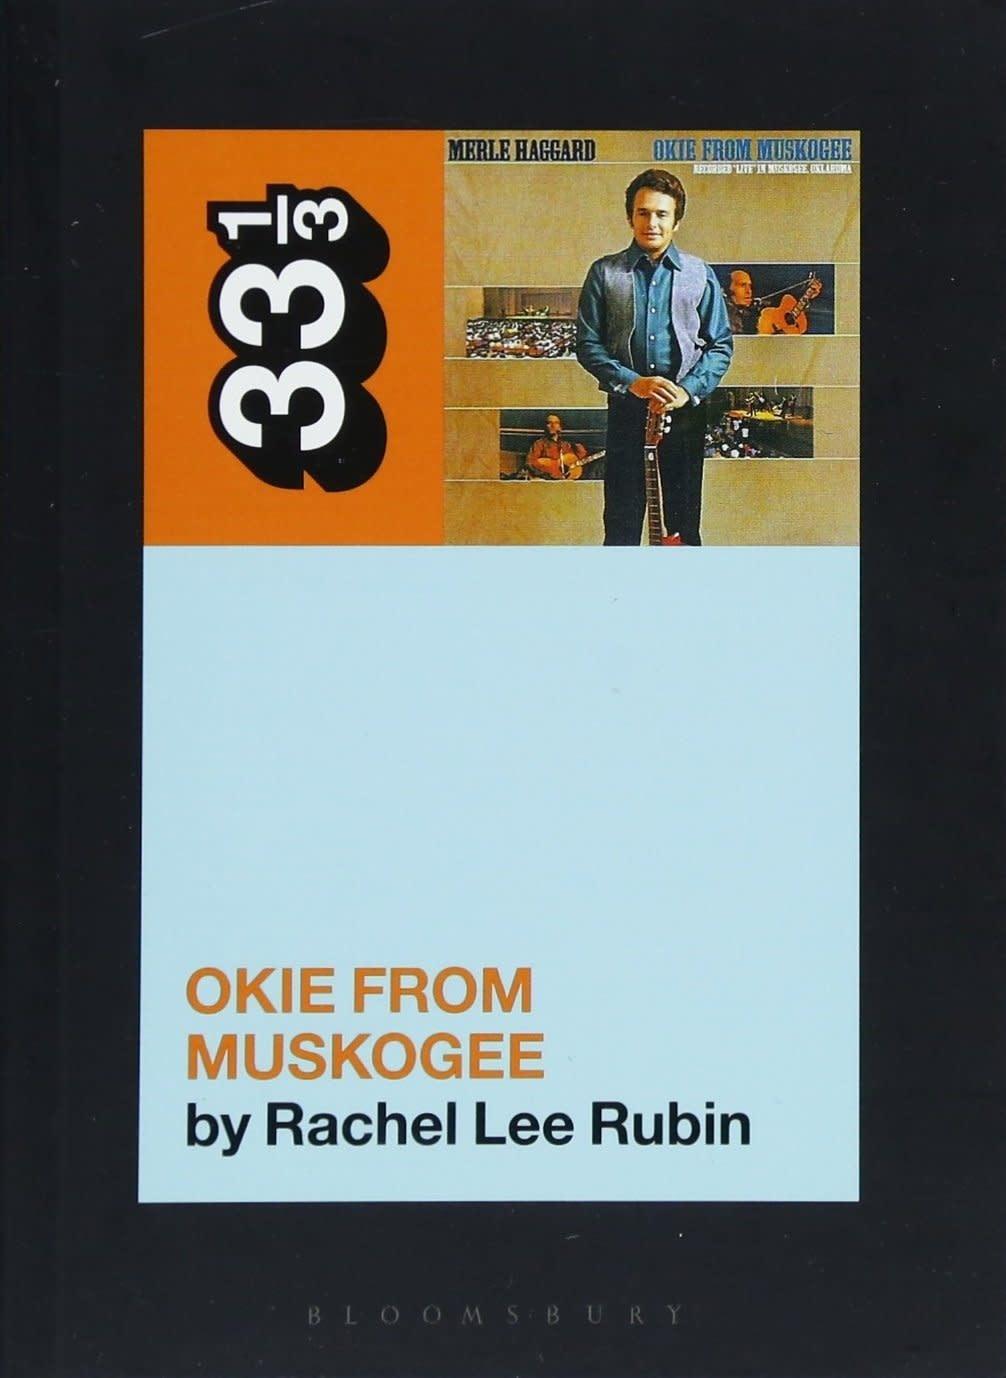 33 1/3 Series 33 1/3 - #128 - Merle Haggard's Okie From Muskogee - Rachel Lee Rubin